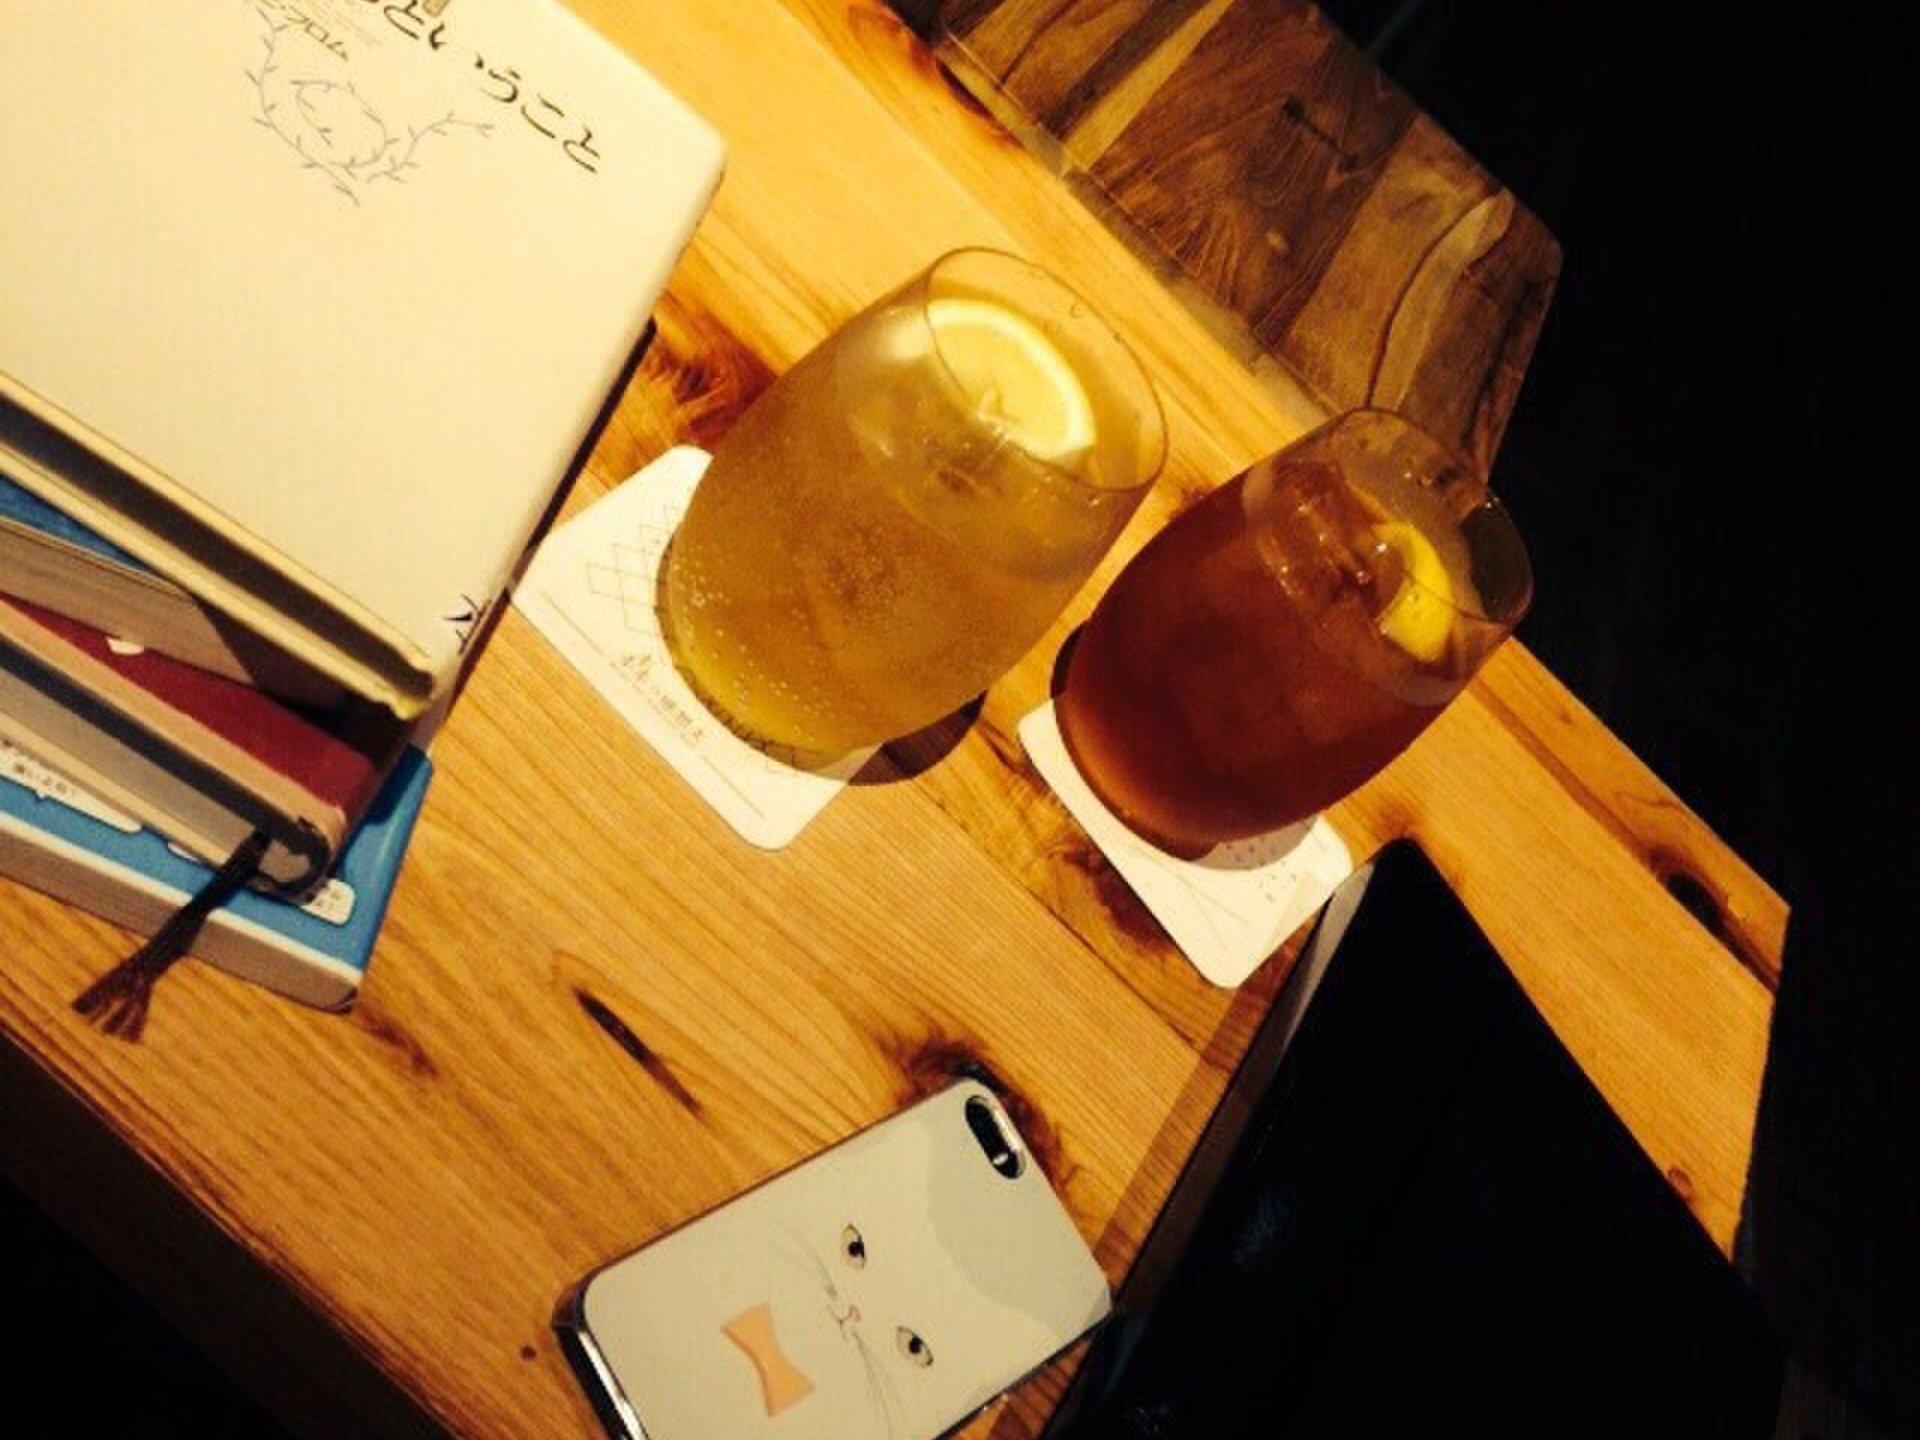 東京のブックカフェ7選!優雅に読書できるおすすめカフェに行ってみない?